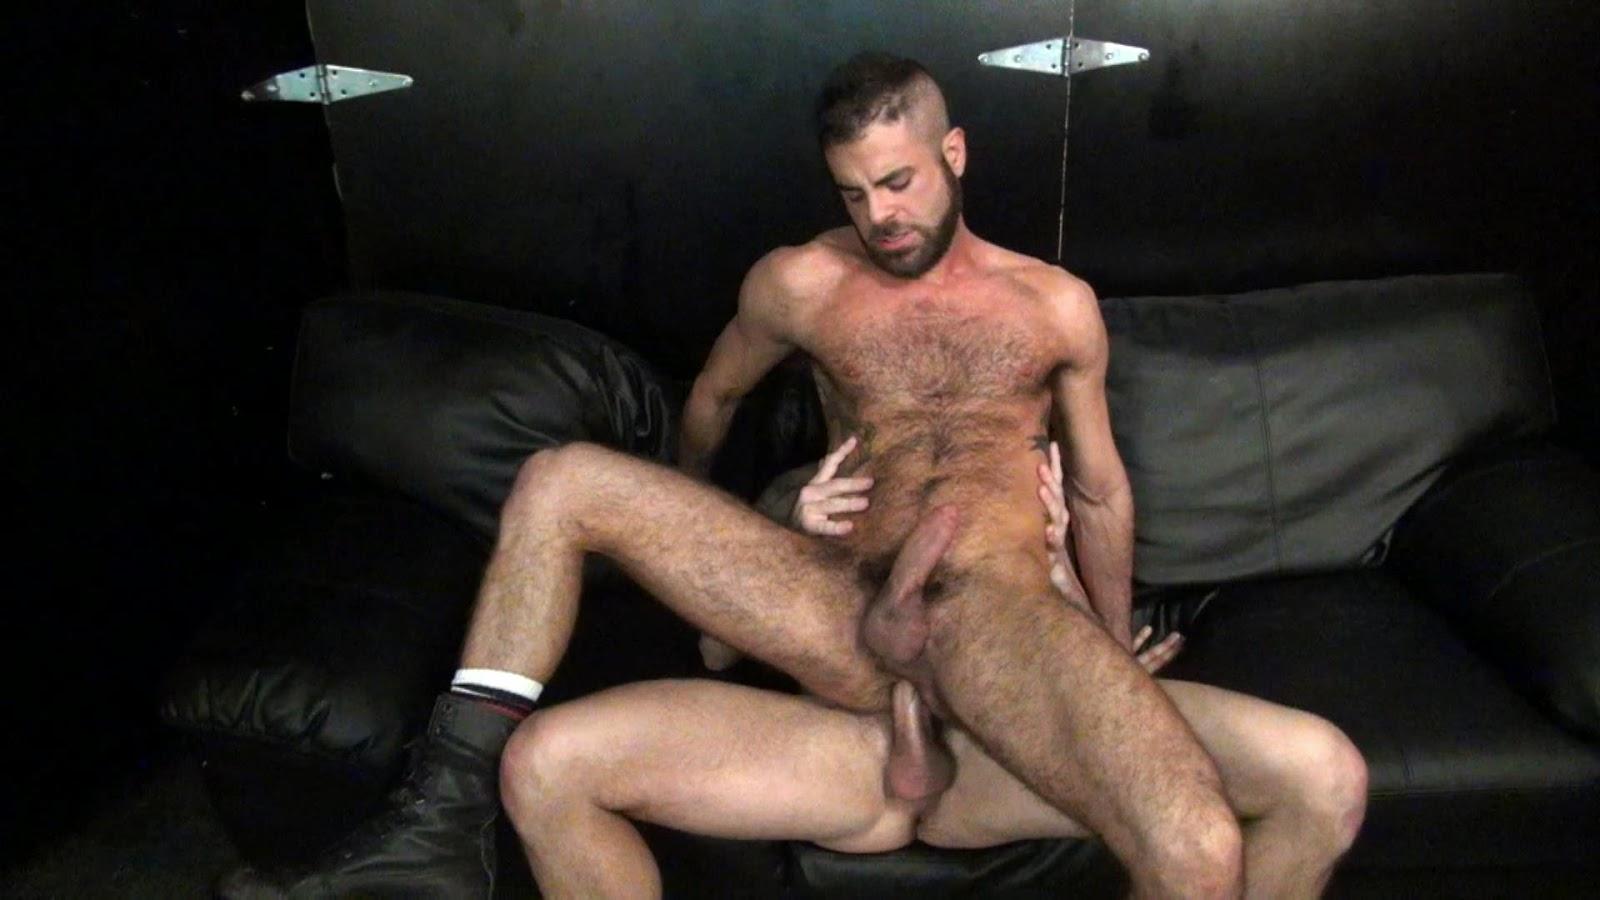 Free hot gay latino porn